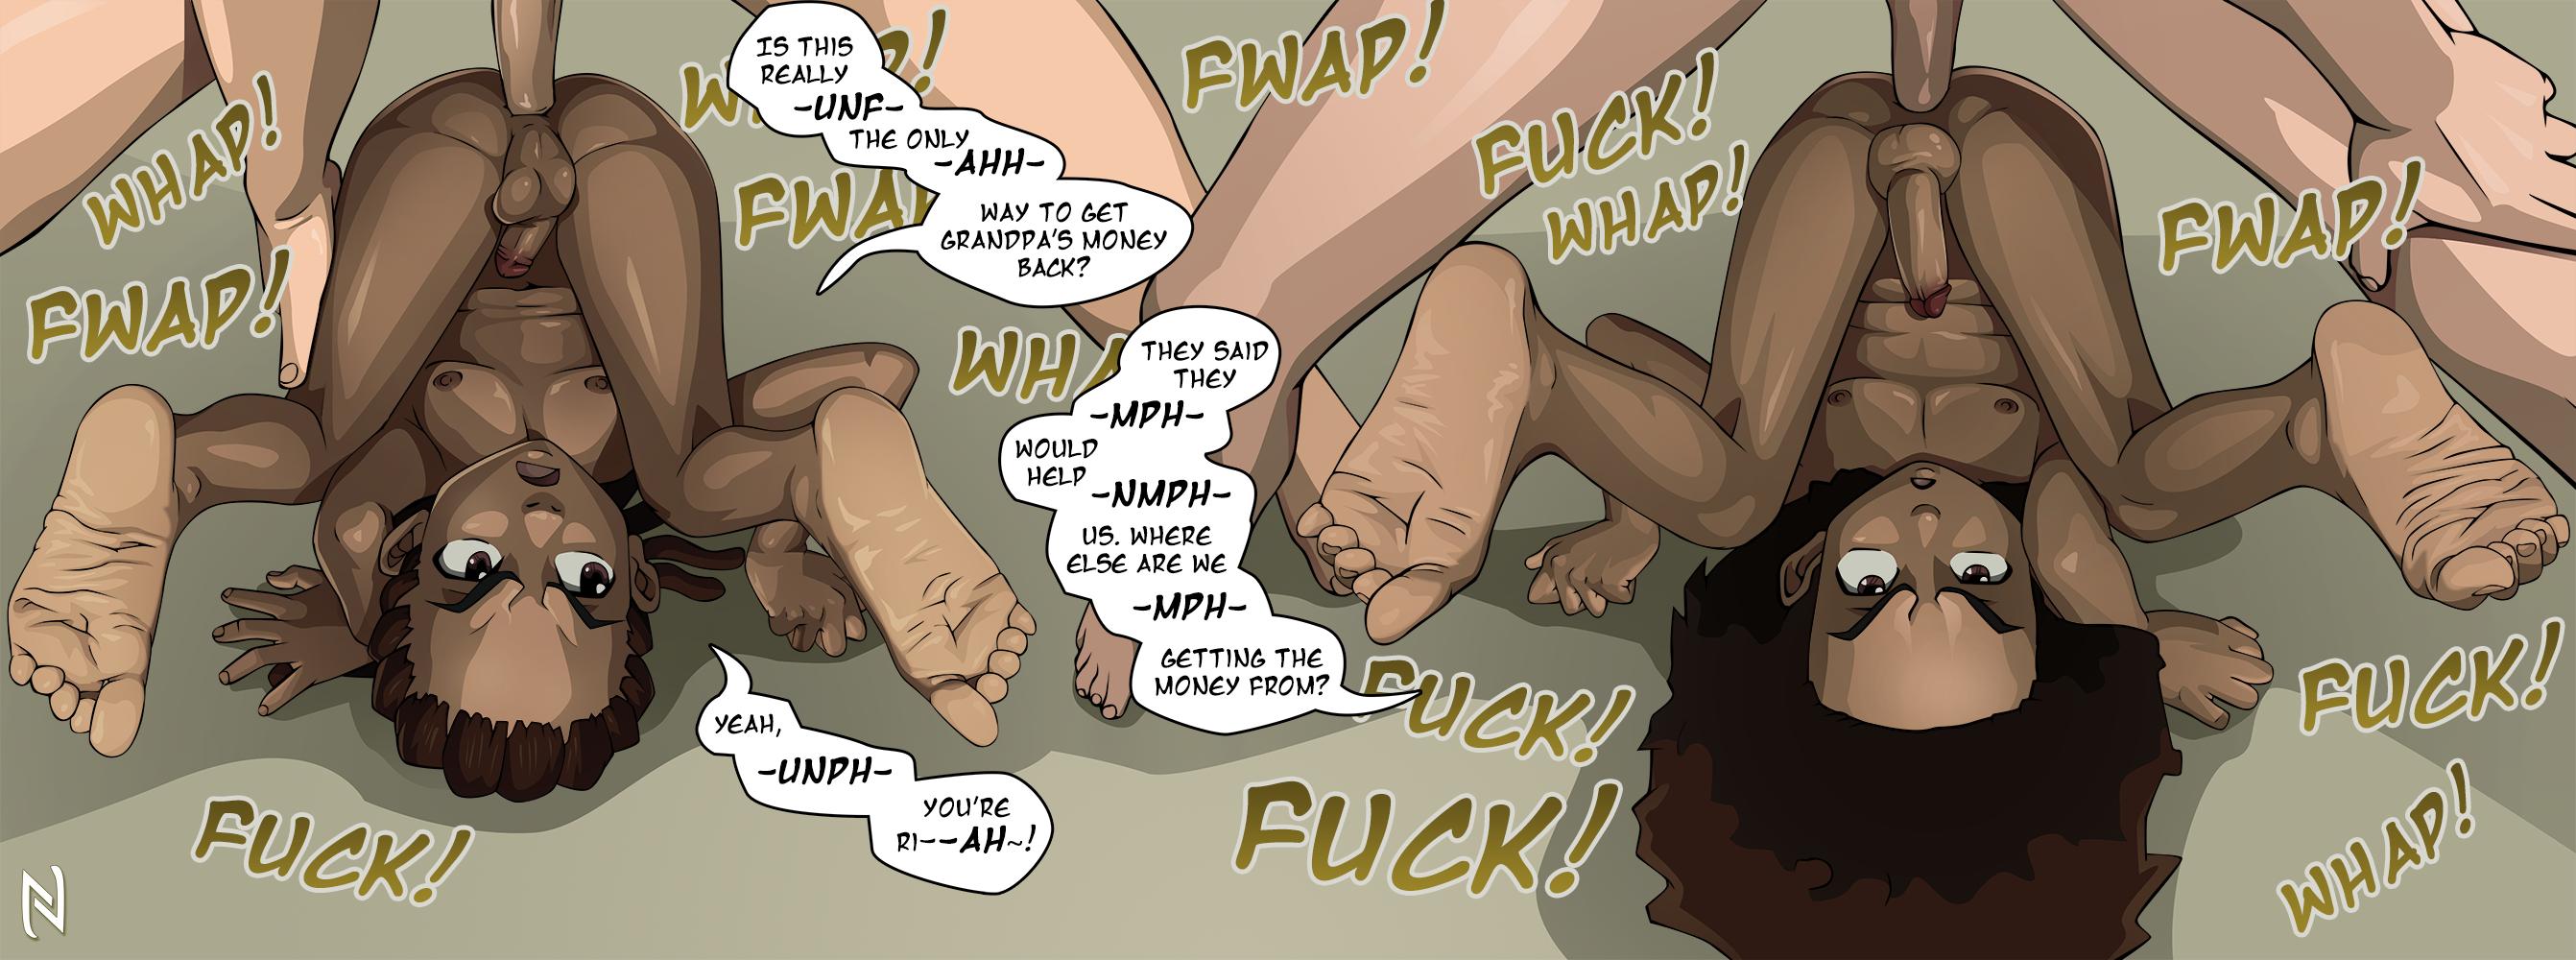 The boondocks porn comics